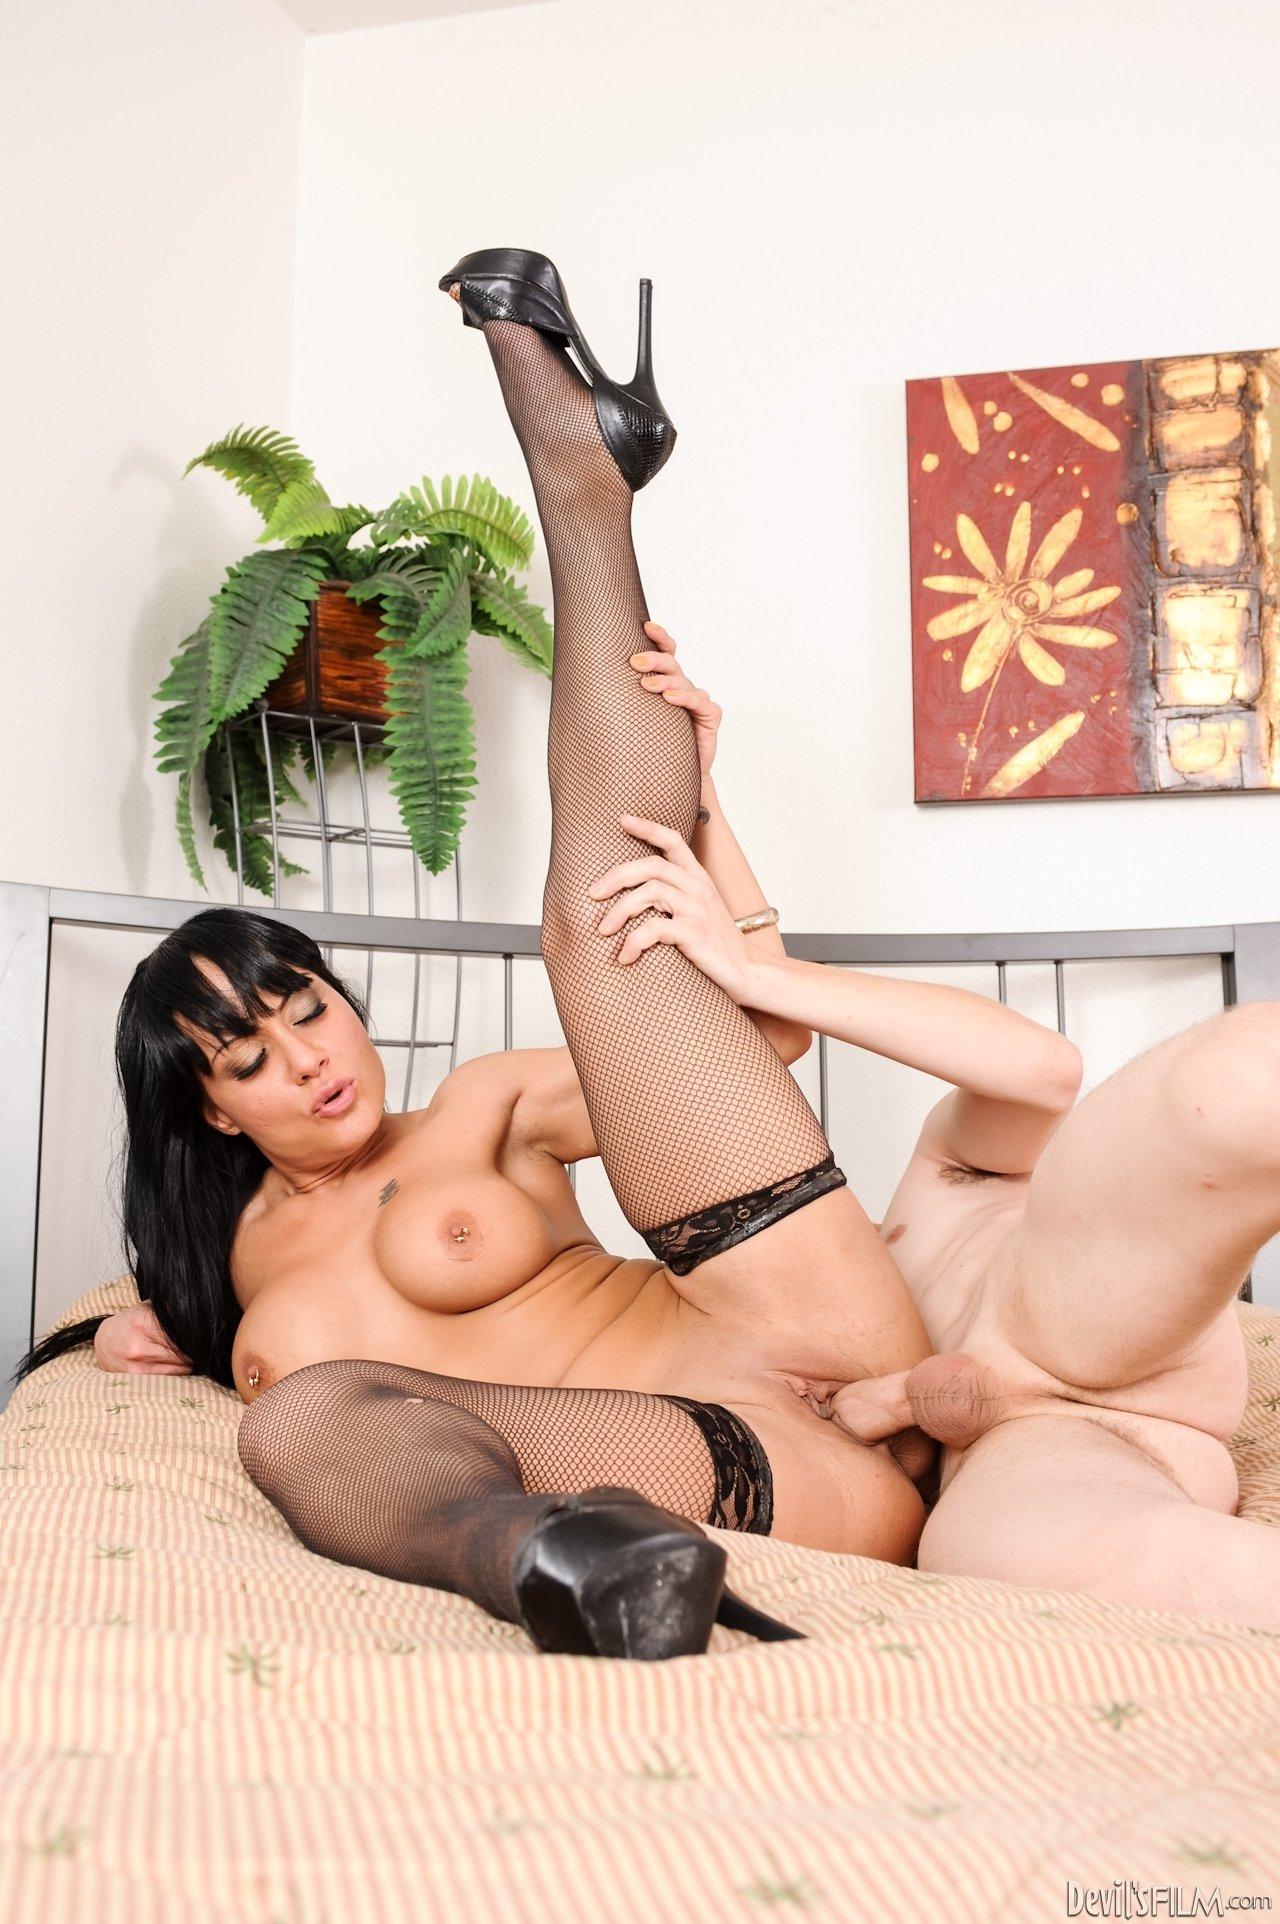 Сперма на жопе - Порно фото галерея 874092